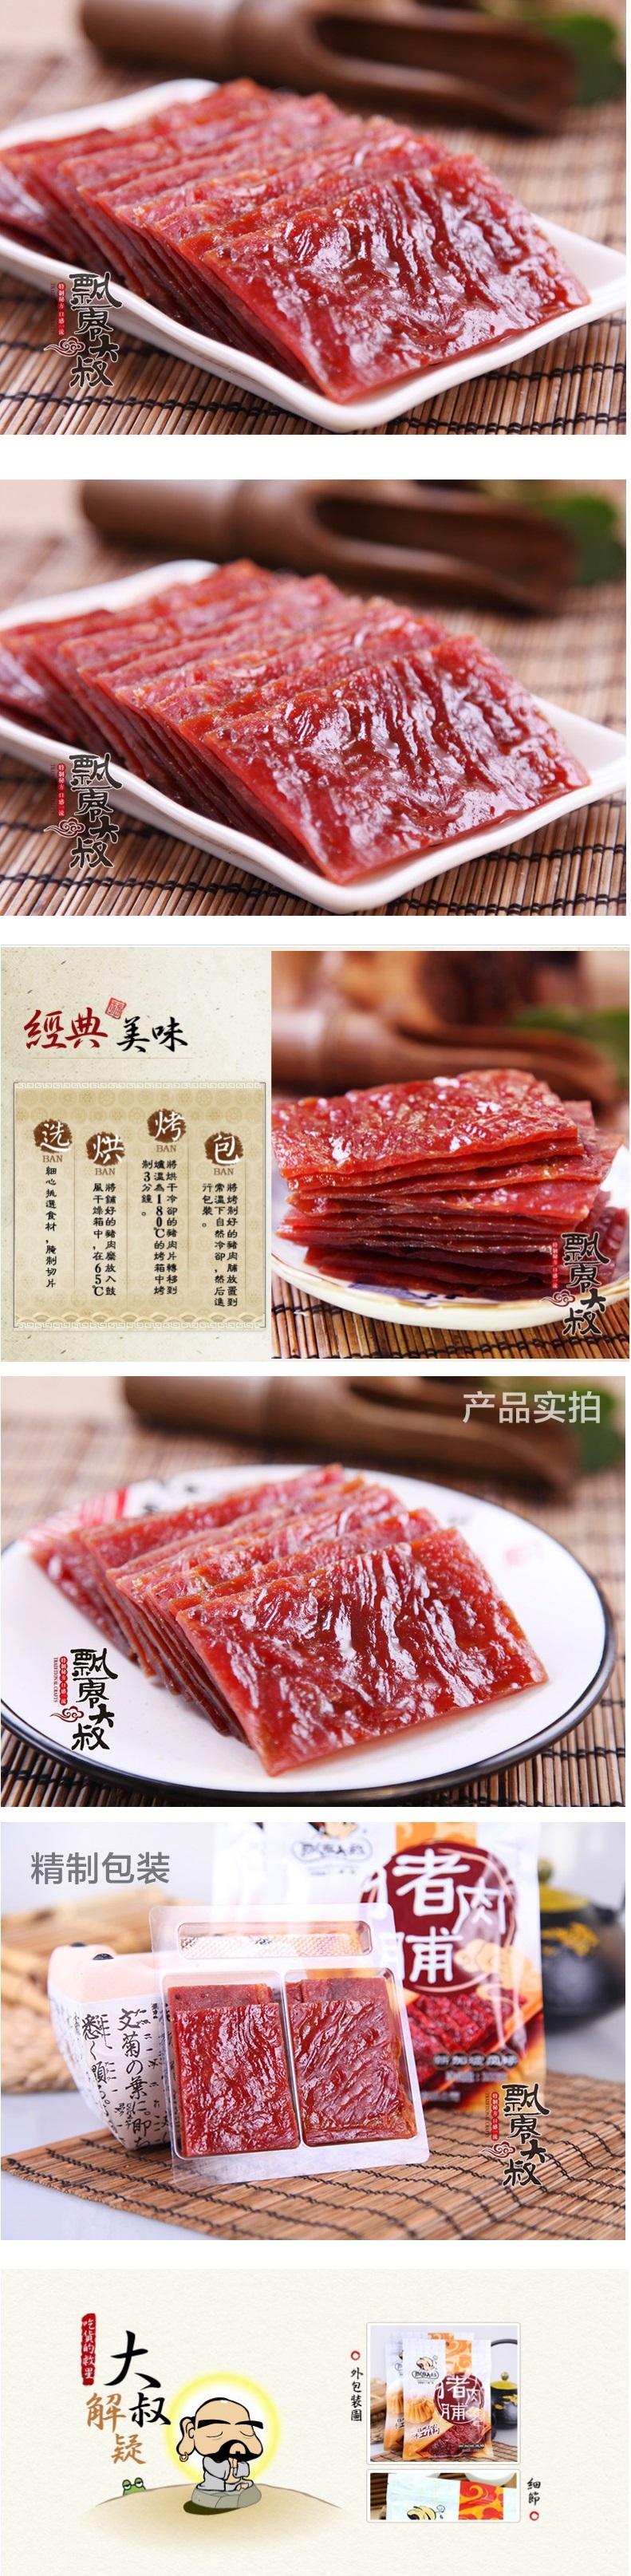 江苏靖江特产  飘零大叔经典原味猪肉脯办公室食品100g